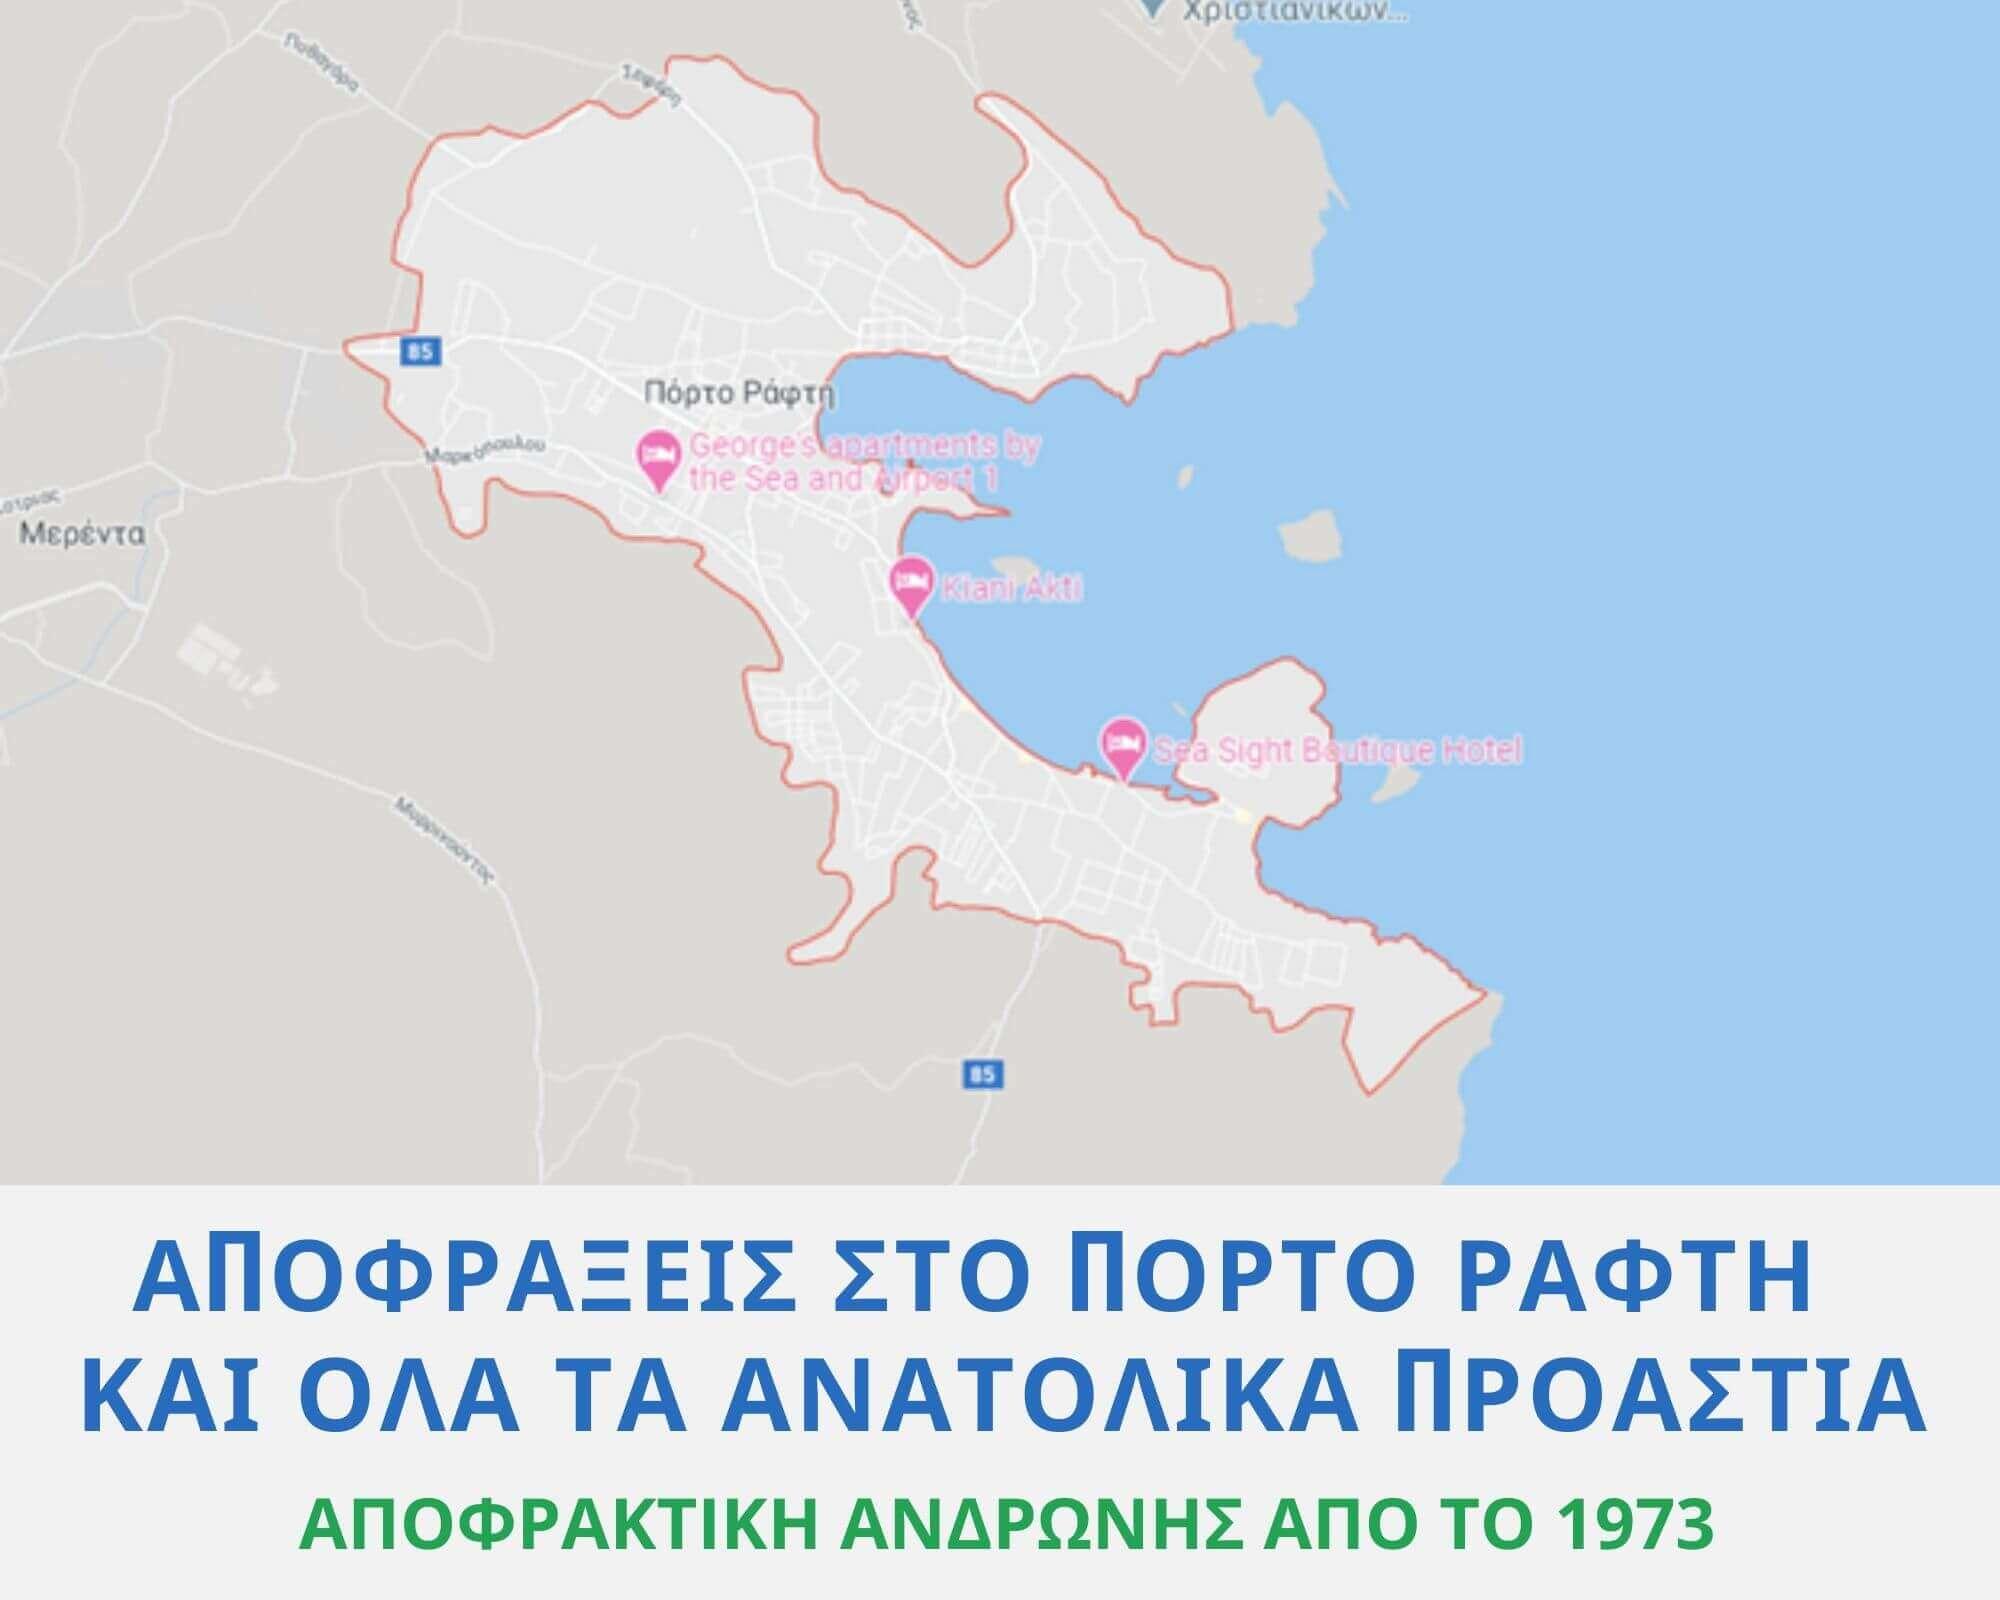 Αποφράξεις Πόρτο Ράφτη - 213.02.50.818 - Αποφράξεις Αθήνα